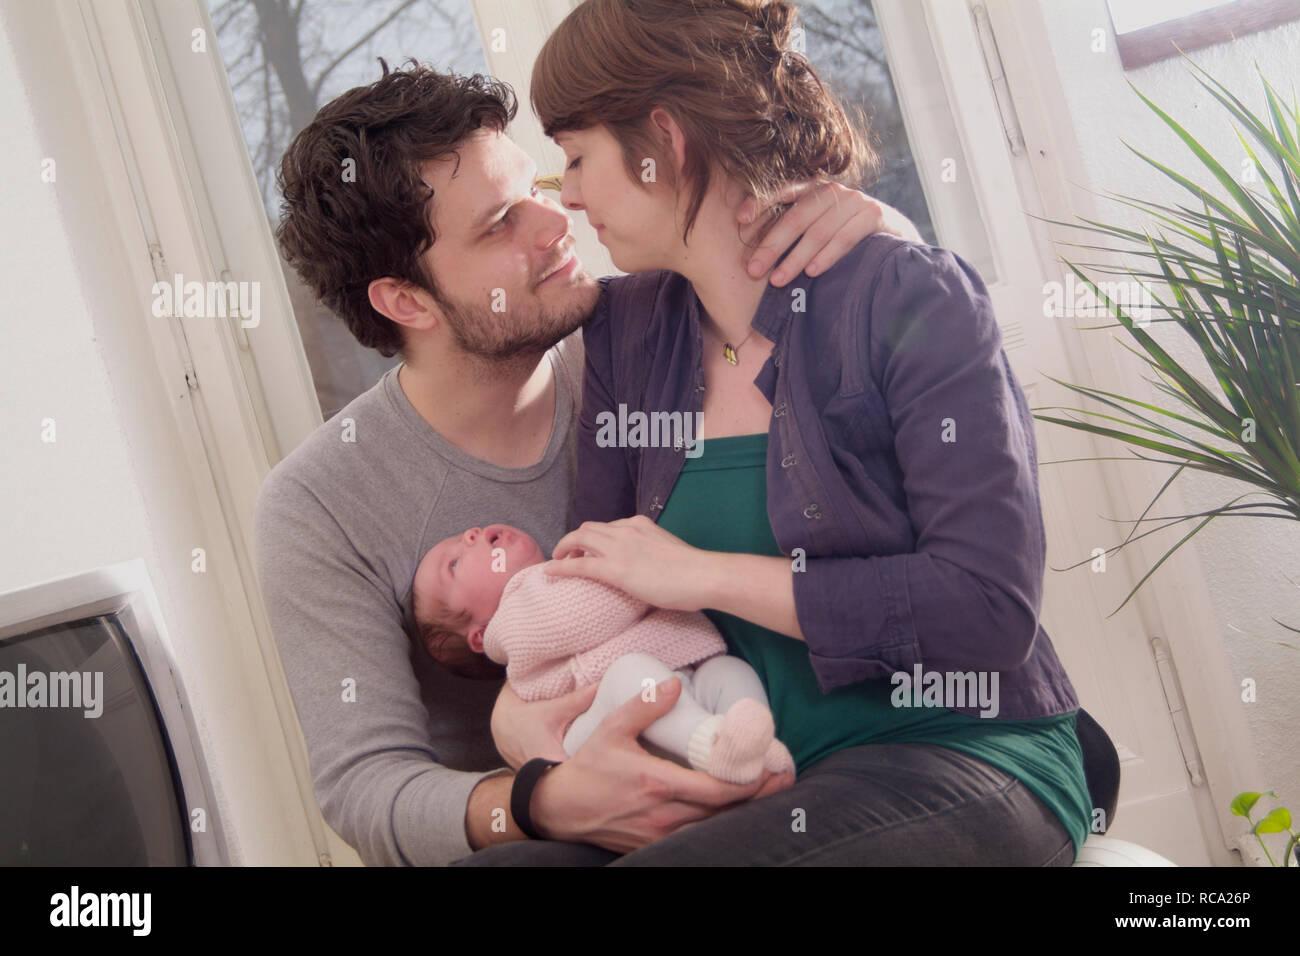 Junge Eltern halten ihre Tochter neugeborene im, brazo tipo das ist 12 Tage alt   padres jóvenes sostiene a su bebé recién nacido en sus brazos - el bebé ist 12 Foto de stock